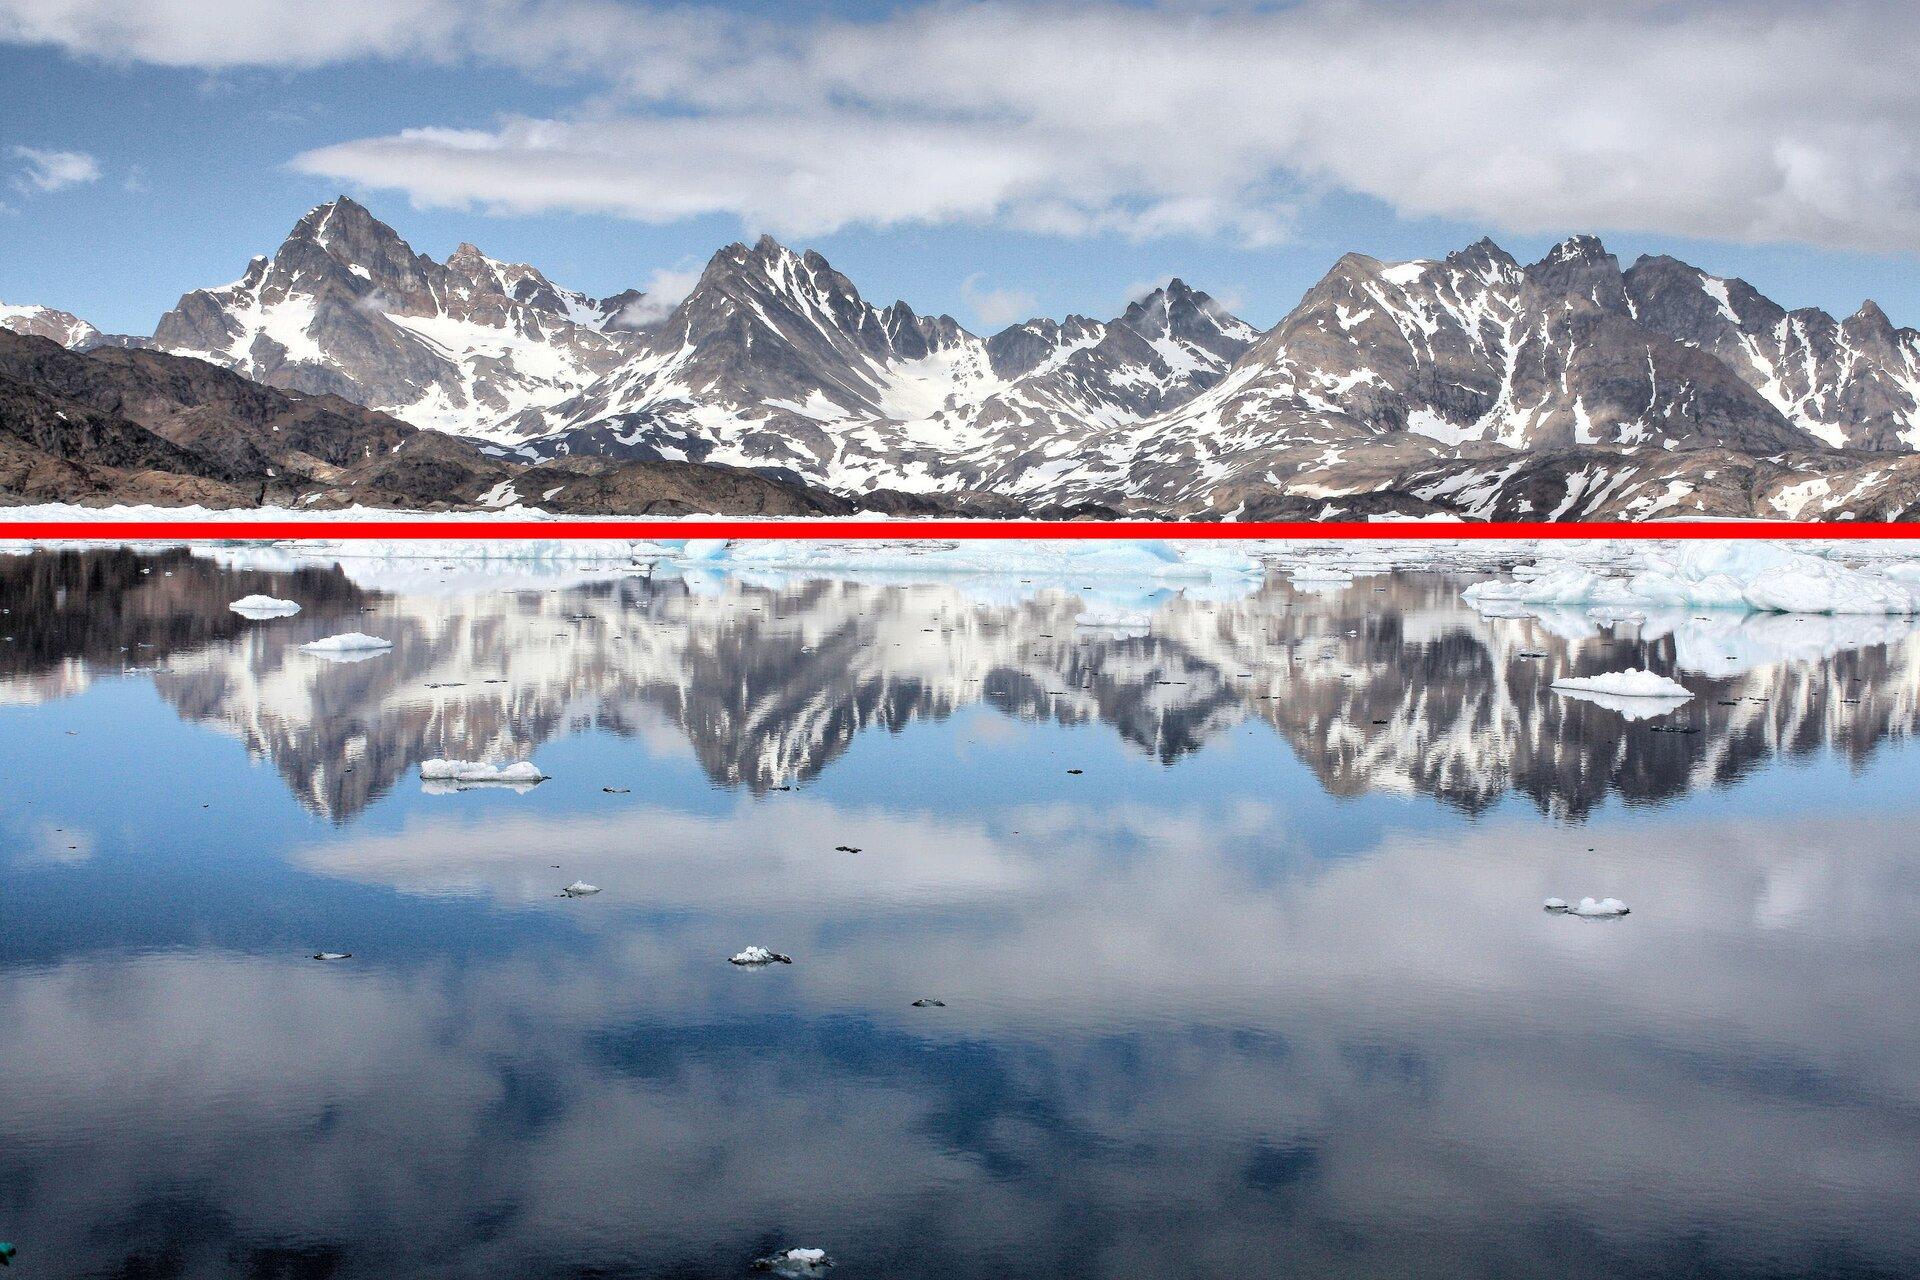 Zdjęcie szczytów górskich położonych nad wodą iodbicie tych gór wwodzie zpoprowadzoną osią symetrii.